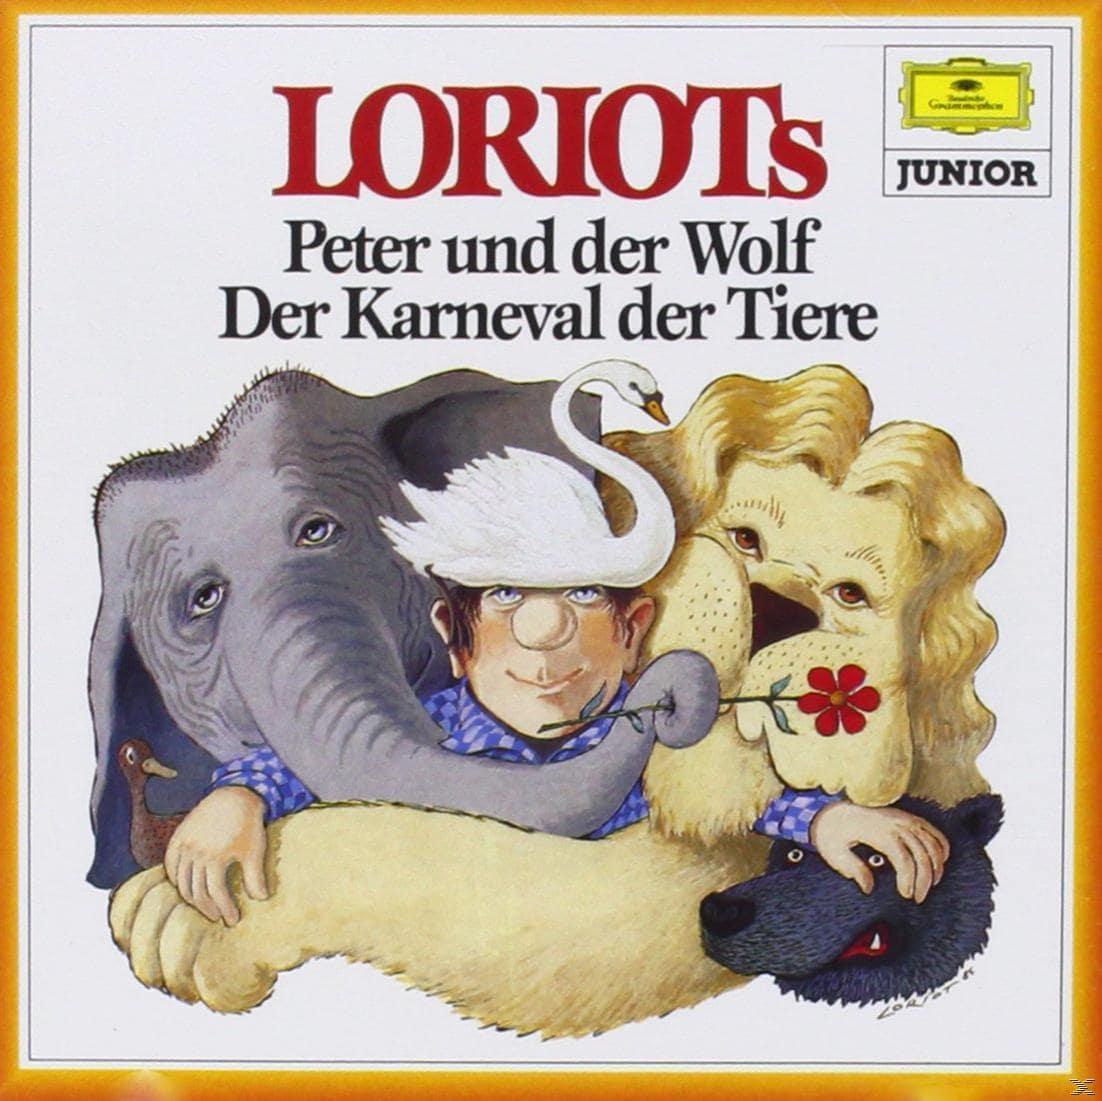 Loriots Peter und der Wolf / Karneval der Tiere (CD(s)) für 8,49 Euro